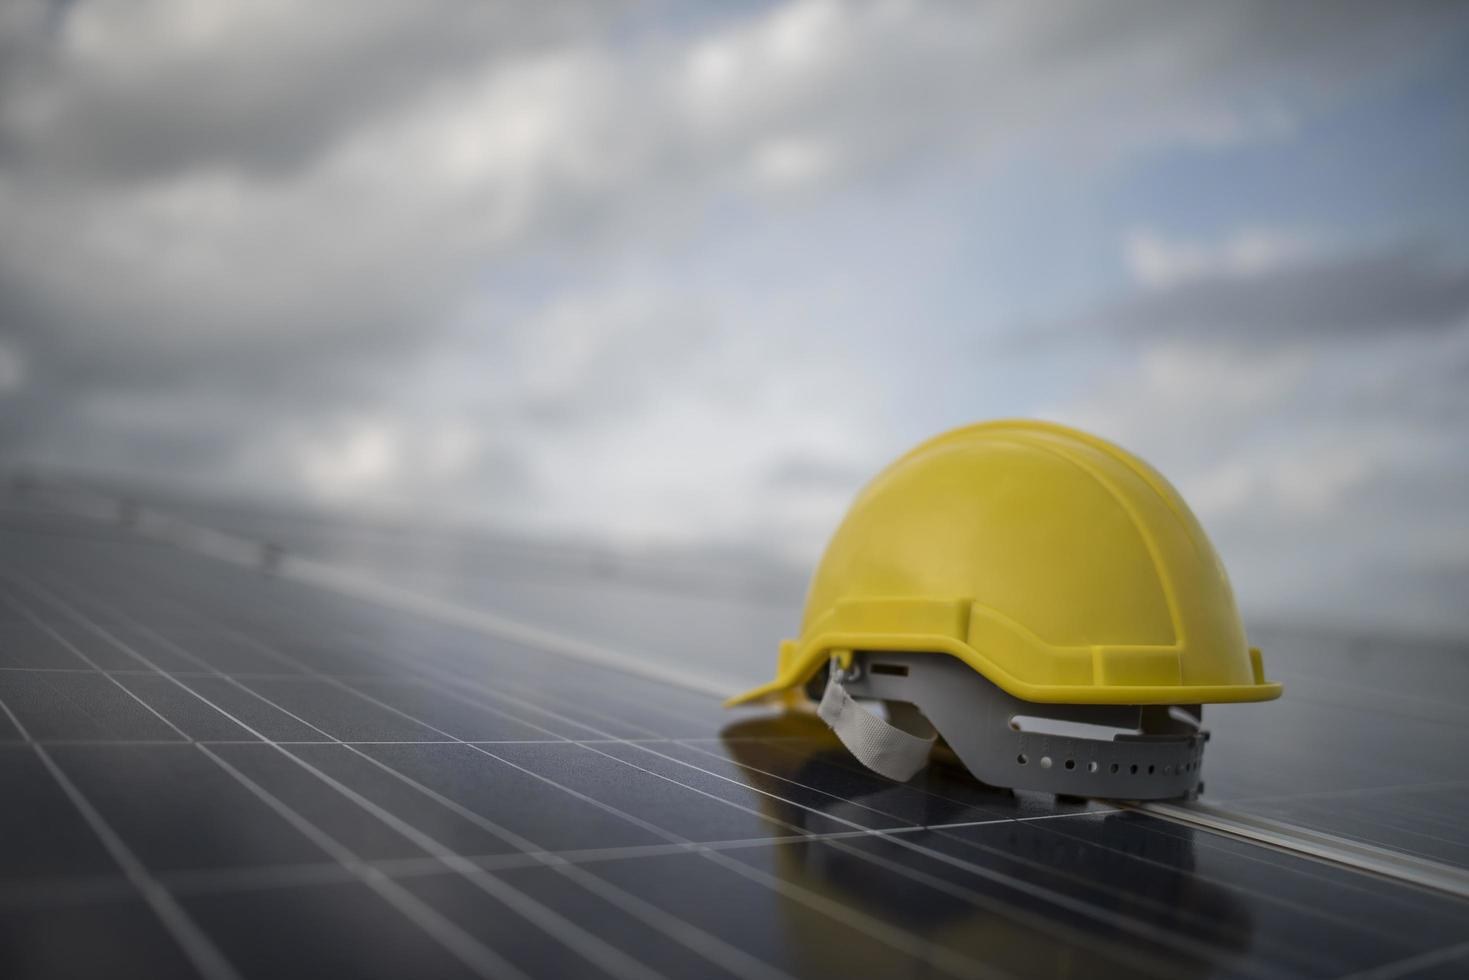 gele veiligheidshelm op zonnepaneel foto